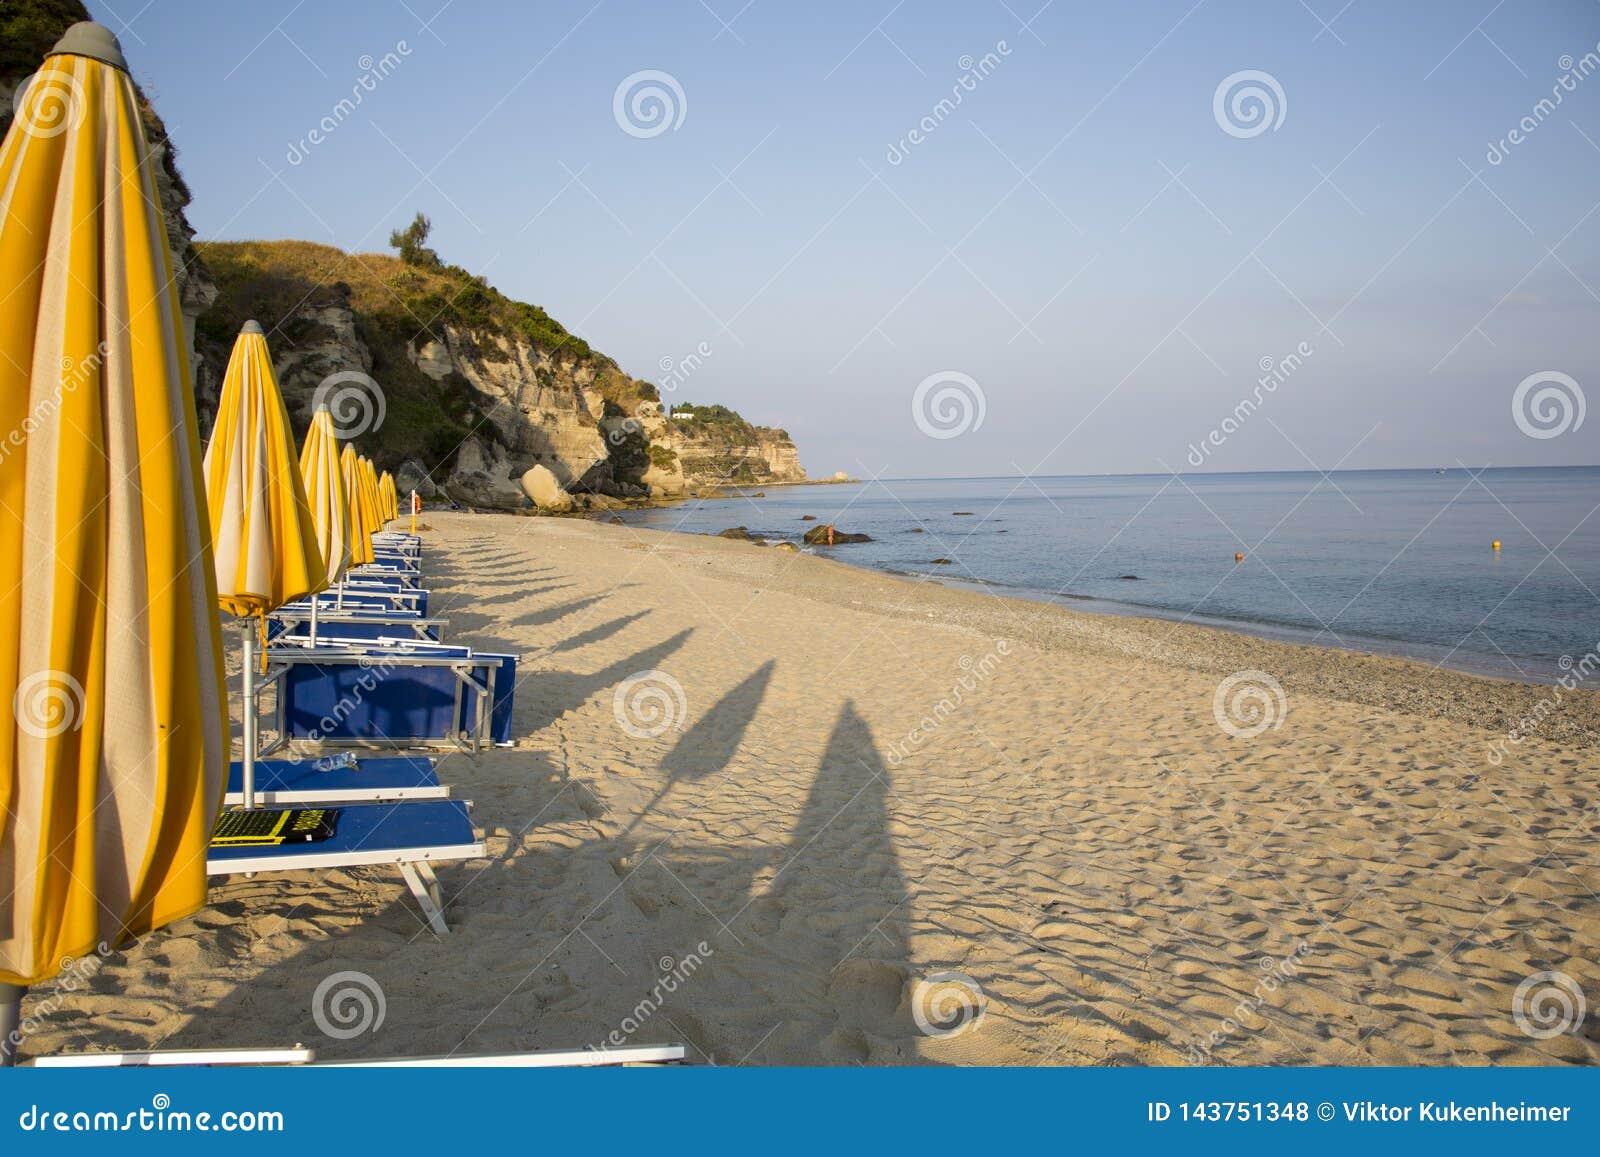 Калабрия расположена в юго-западной Италии